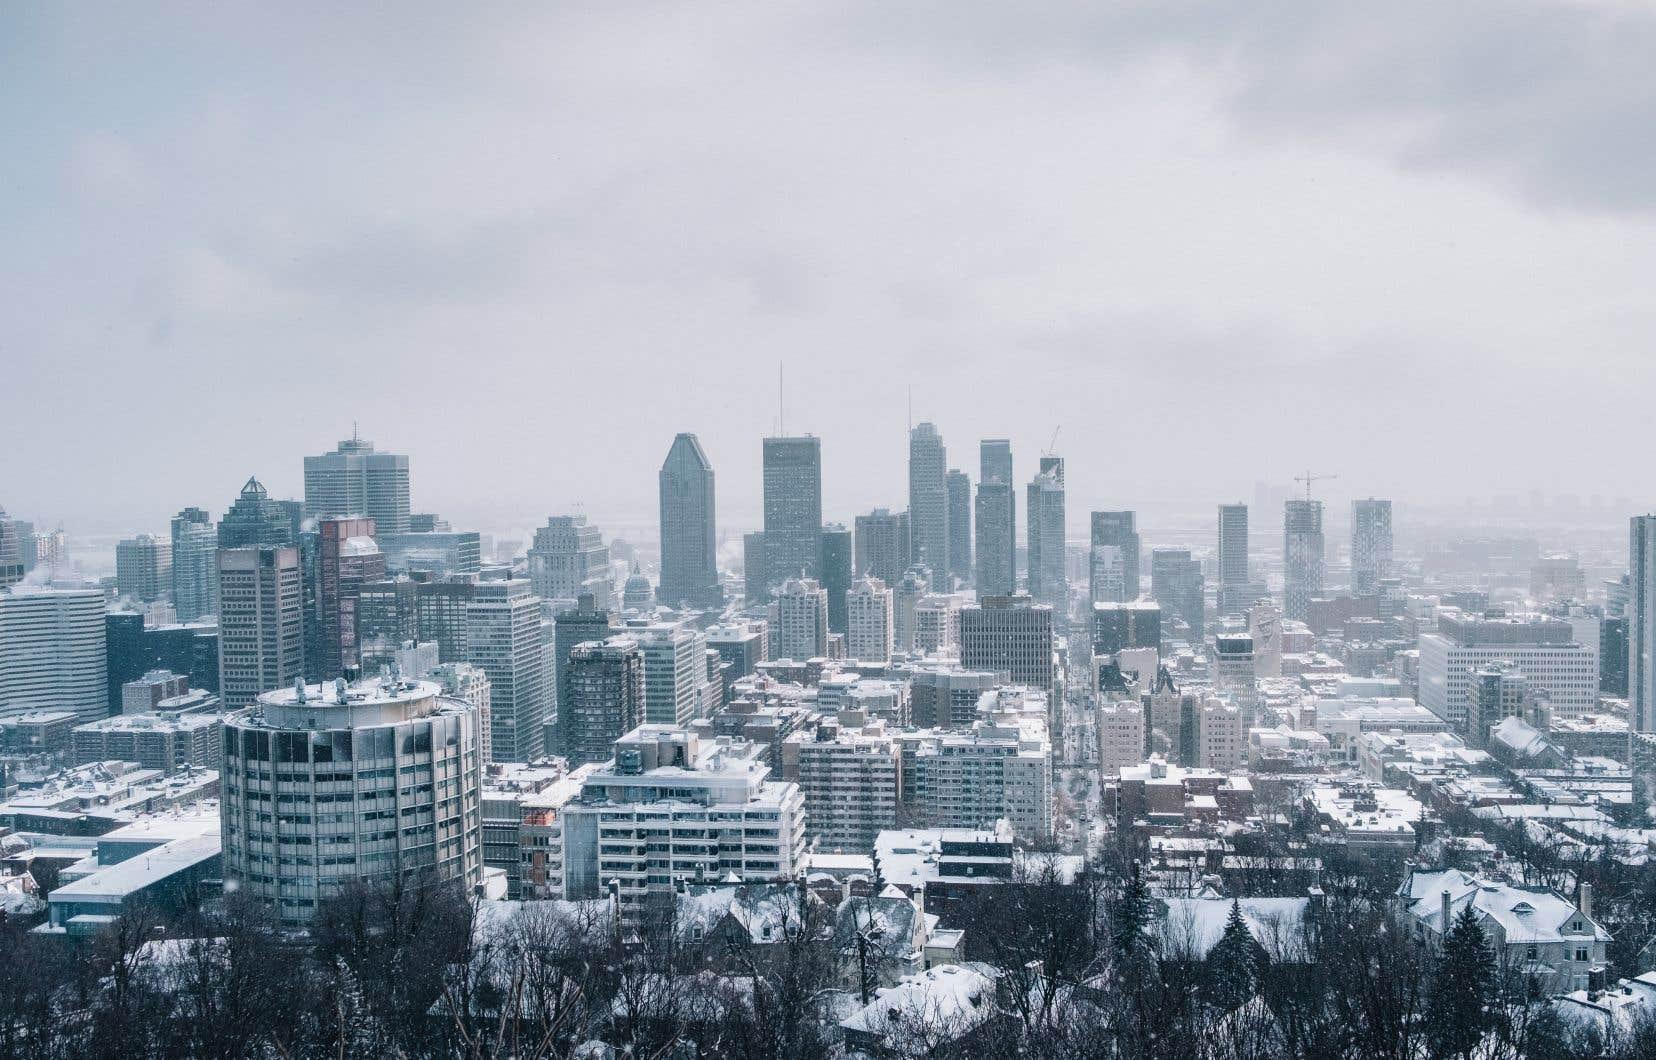 <p>Les précipitations reprendront de la vigueur durant la nuit de vendredi et seront fortes jusqu'en fin de journée. Environnement Canada attend vendredi de 15 à 20 centimètres de neige.</p>